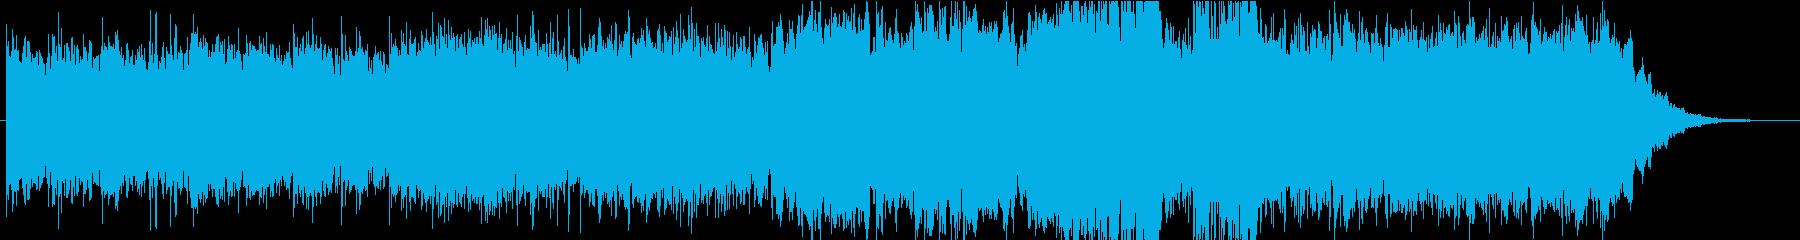 夜桜・和桜をイメージしたトランス風EDMの再生済みの波形